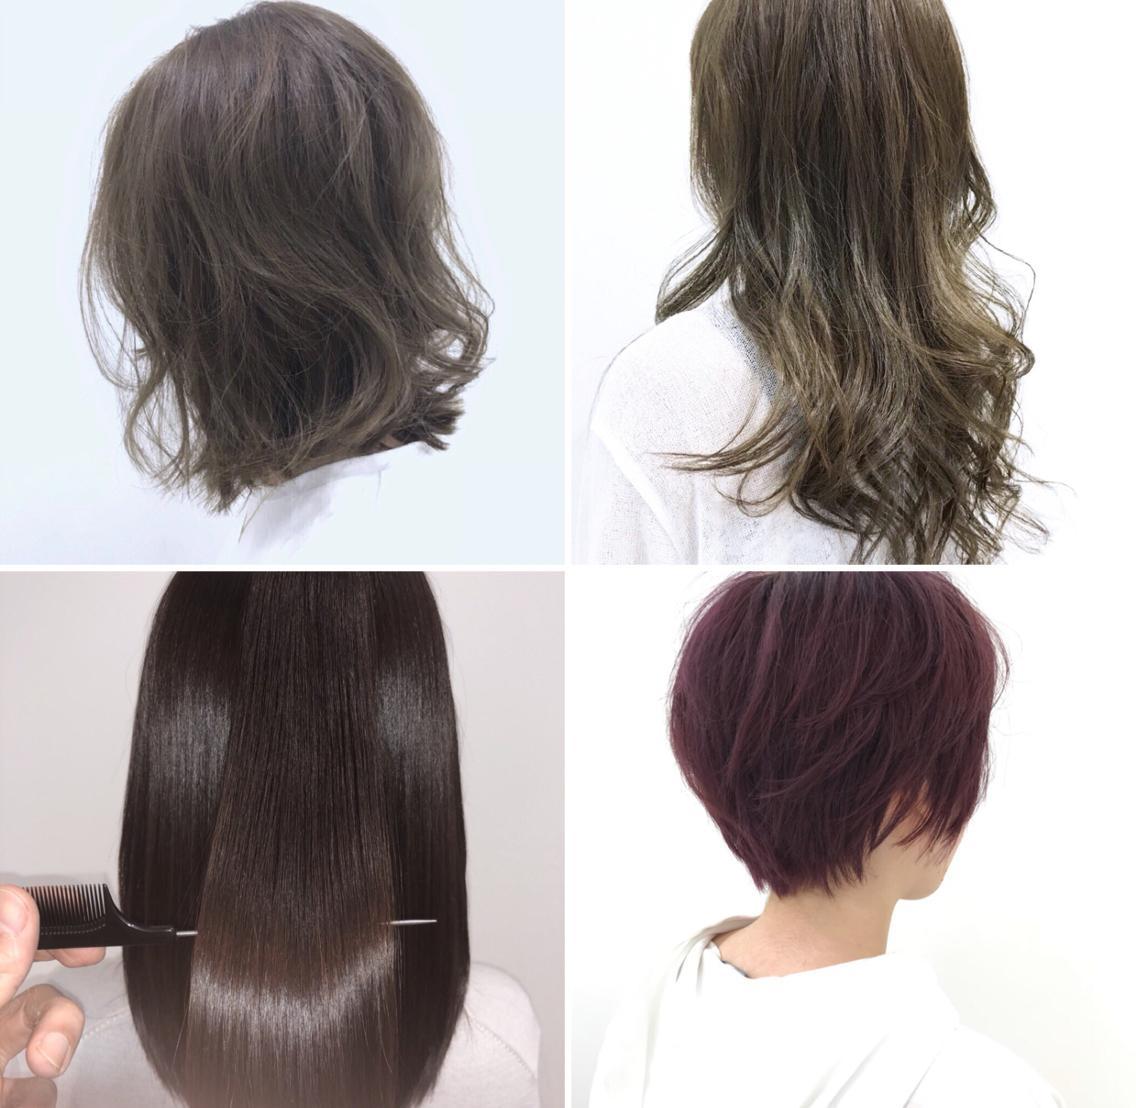 ド派手な髪型やりたい方必見‼︎コンテストモデル募集